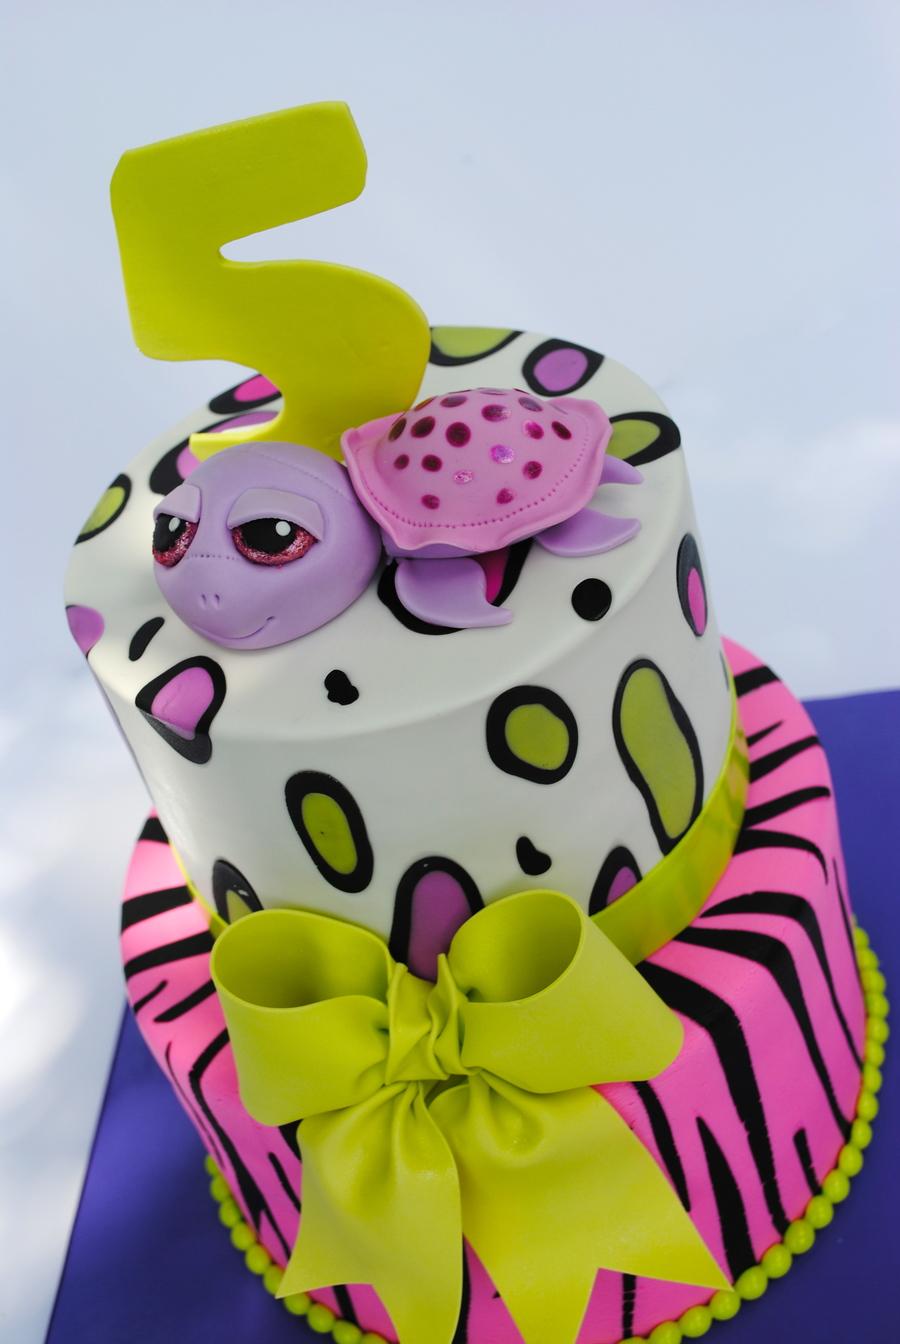 7992386fb13f9e249ce2d61e04ec438a 4 Most Creative Beanie Boo Birthday Party Ideas